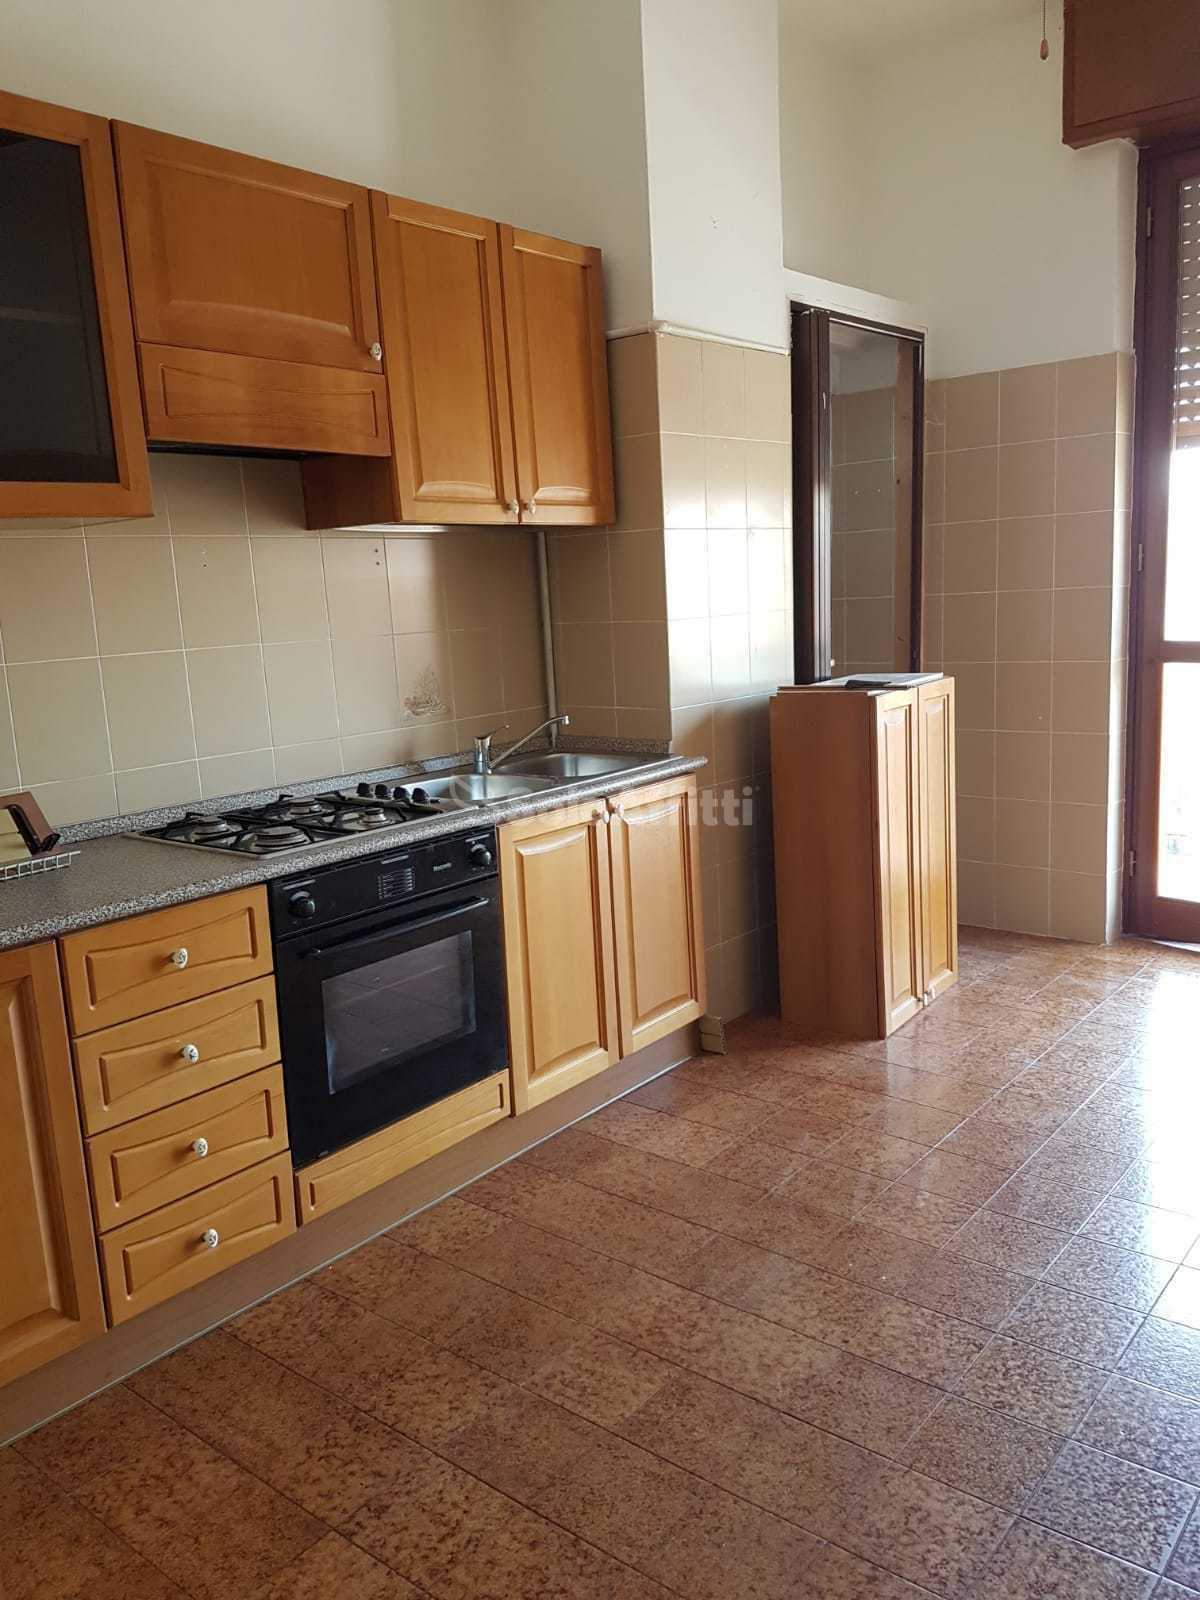 cucina abitabile foto 1.jpg